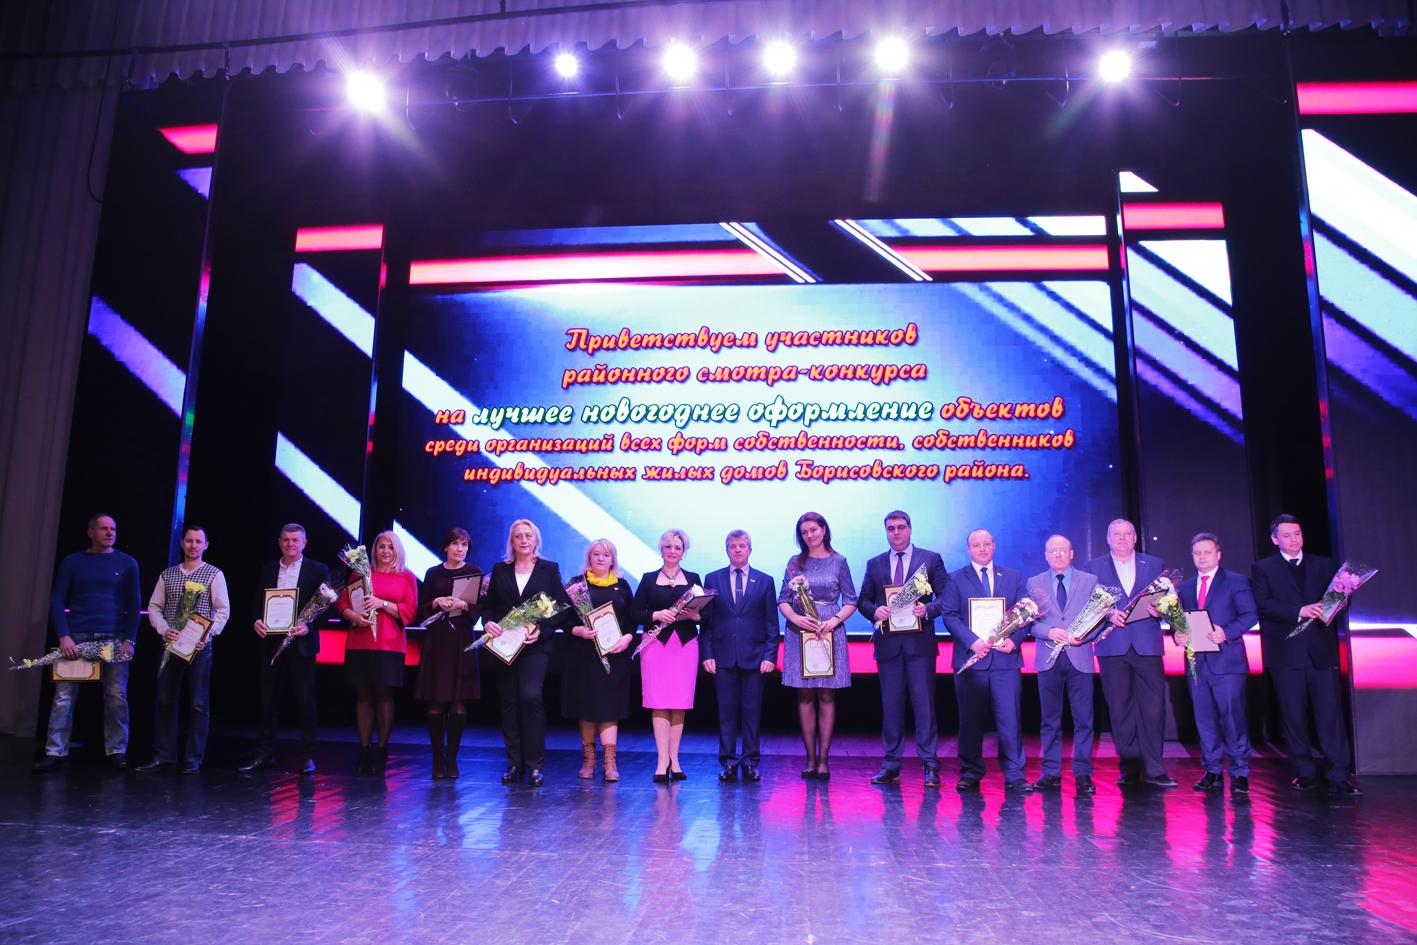 В Борисове наградили участников районного смотра-конкурса на лучшее новогоднее оформление объектов 2